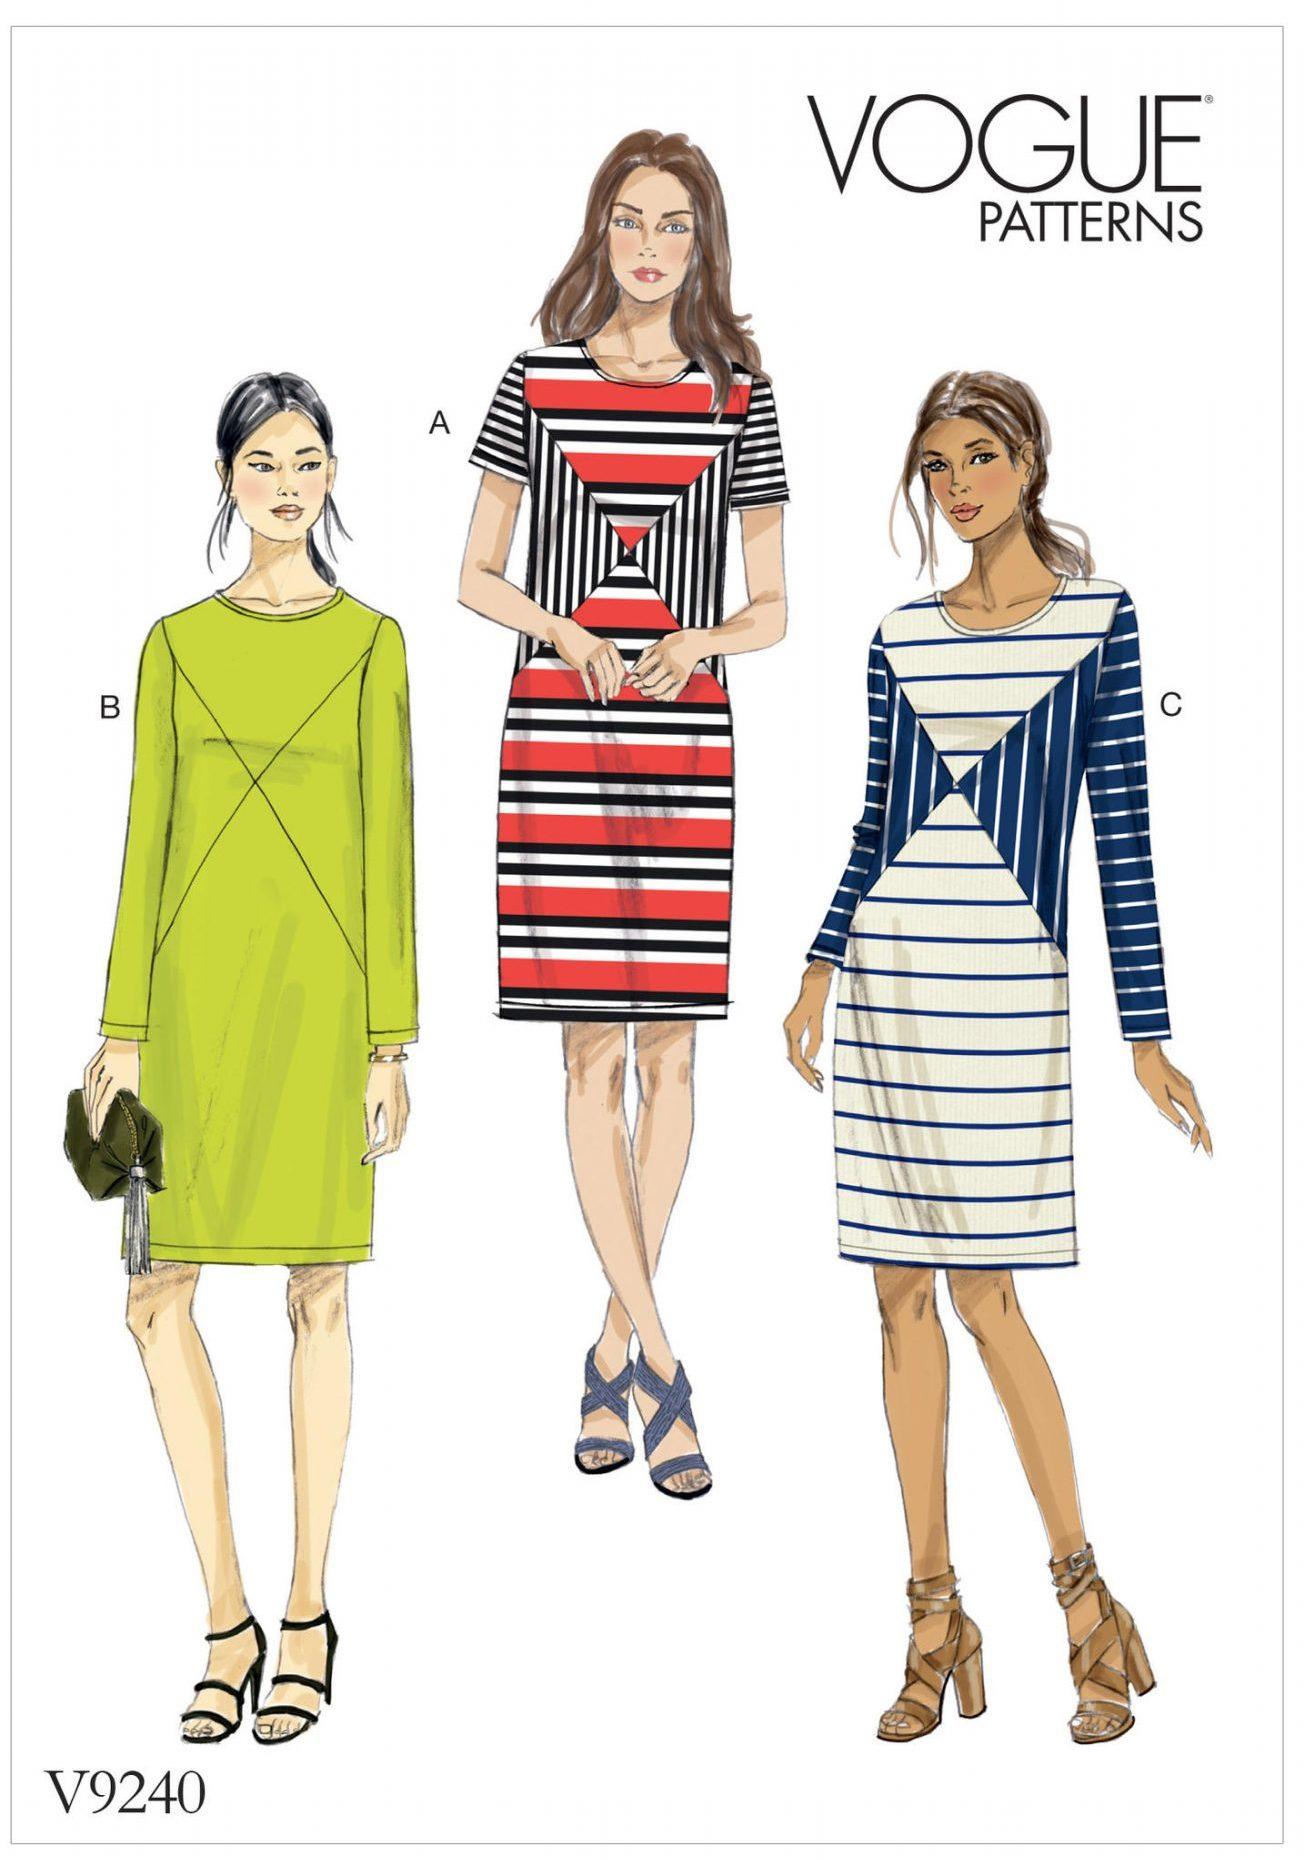 Vogue V9240 - sewing pattern - Misses' Knit Paneled Dresses